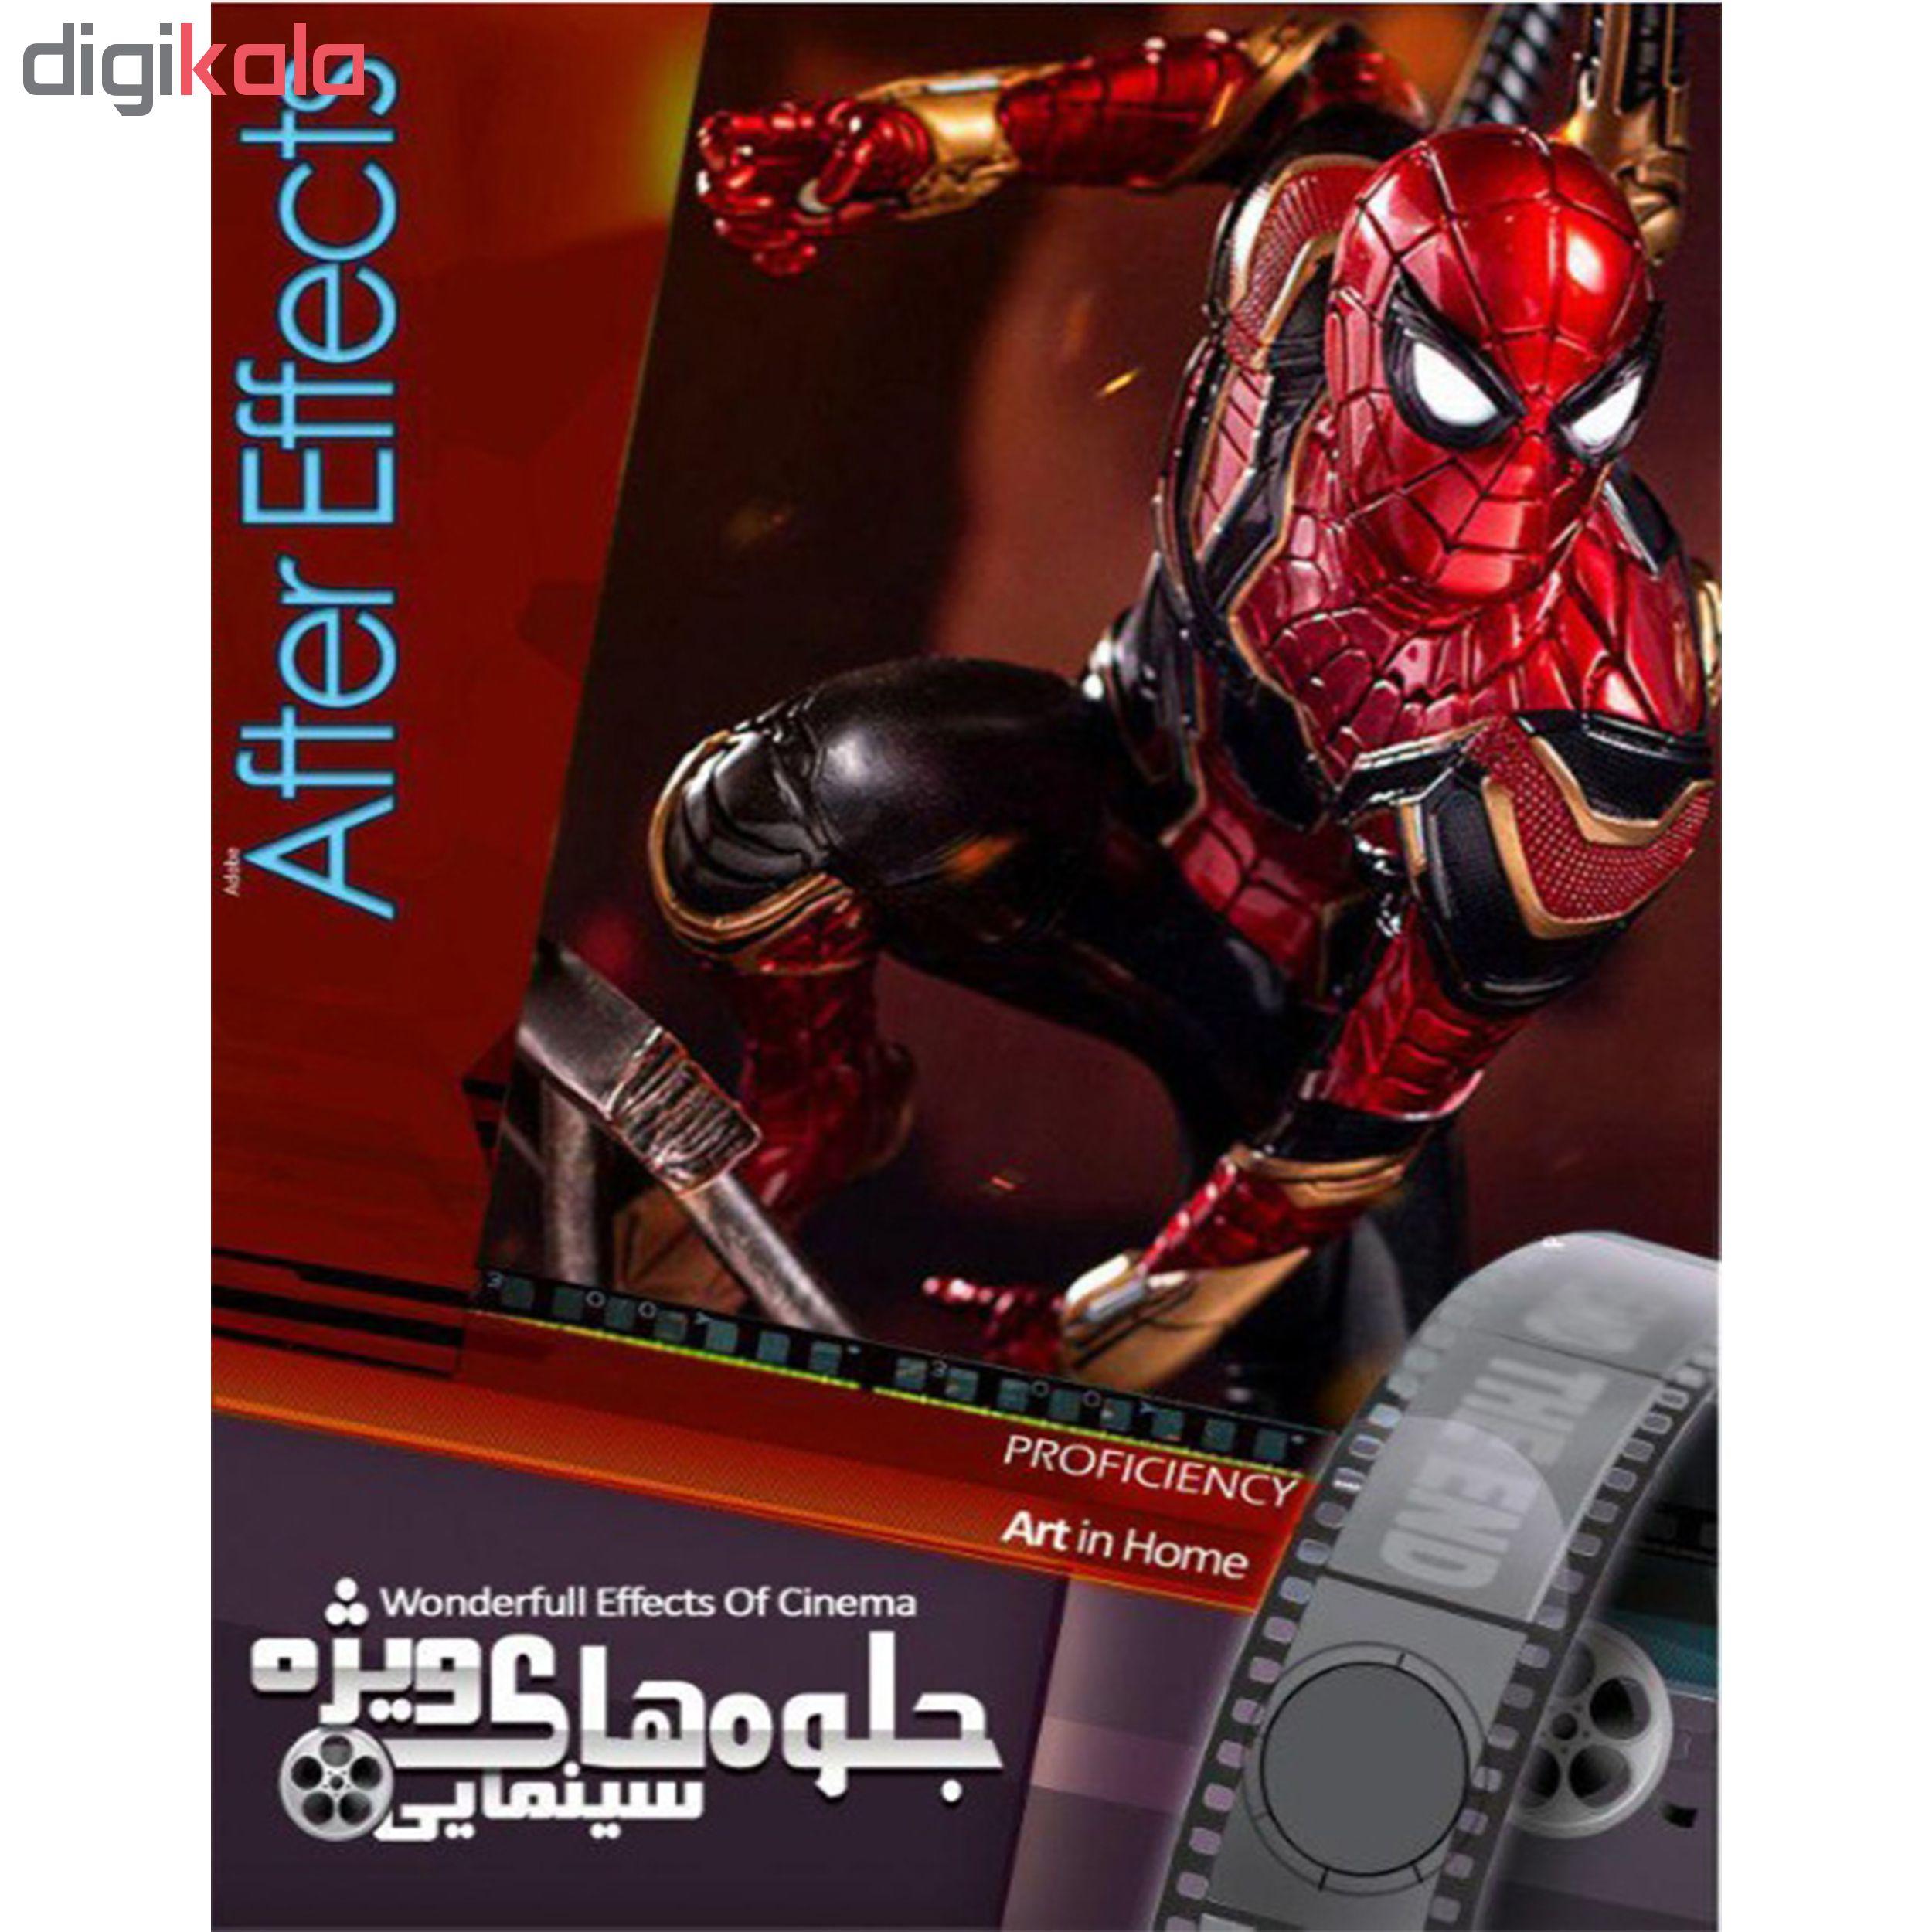 نرم افزار آموزش After Effects نشر پدیده به همراه نرم افزار جلوه های ویژه سینمایی AFTER EFFECTS نشر پانا پرداز آریا